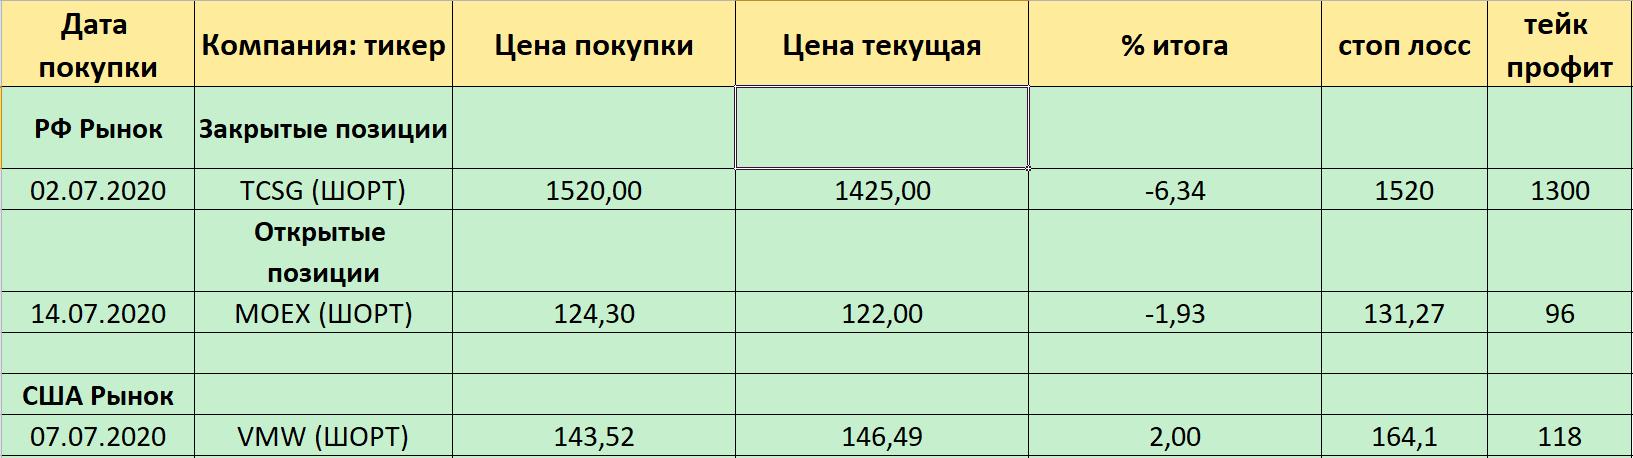 Результат по сделкам. 22.07.2020